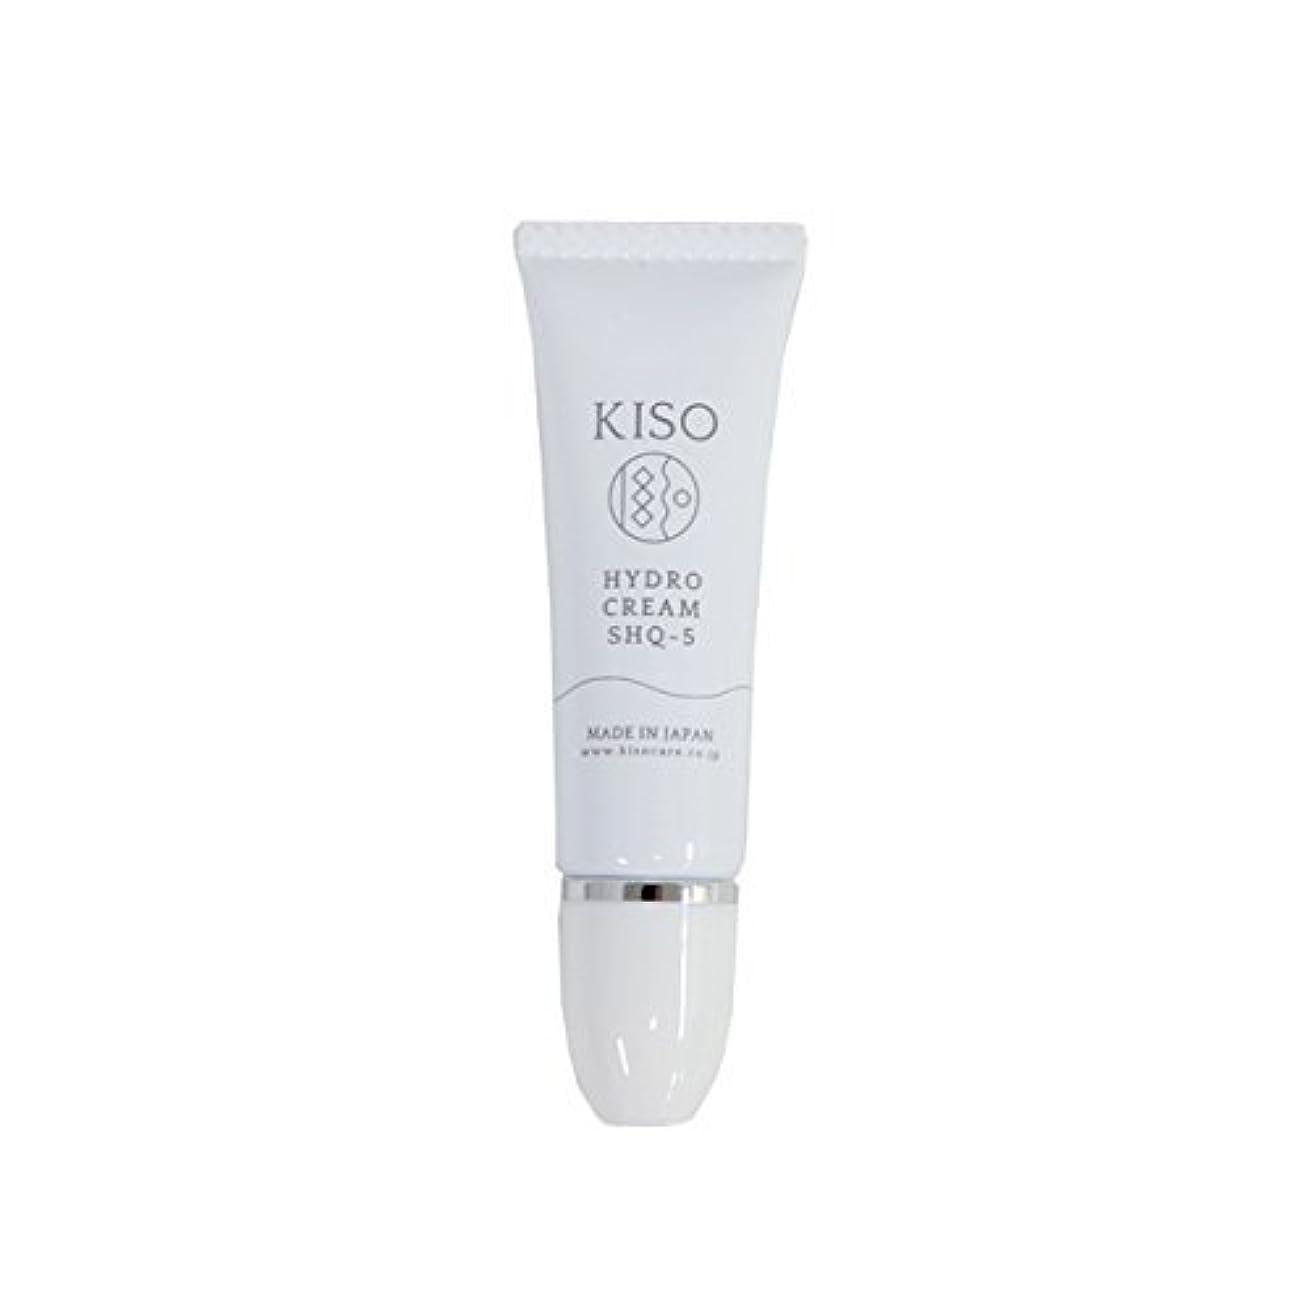 探す魅力誤解を招くKISO 安定型 ハイドロキノン 5%配合【ハイドロ クリーム SHQ-5 10g】スキンケアで肌を整えた後にちょこっとケア 日本製